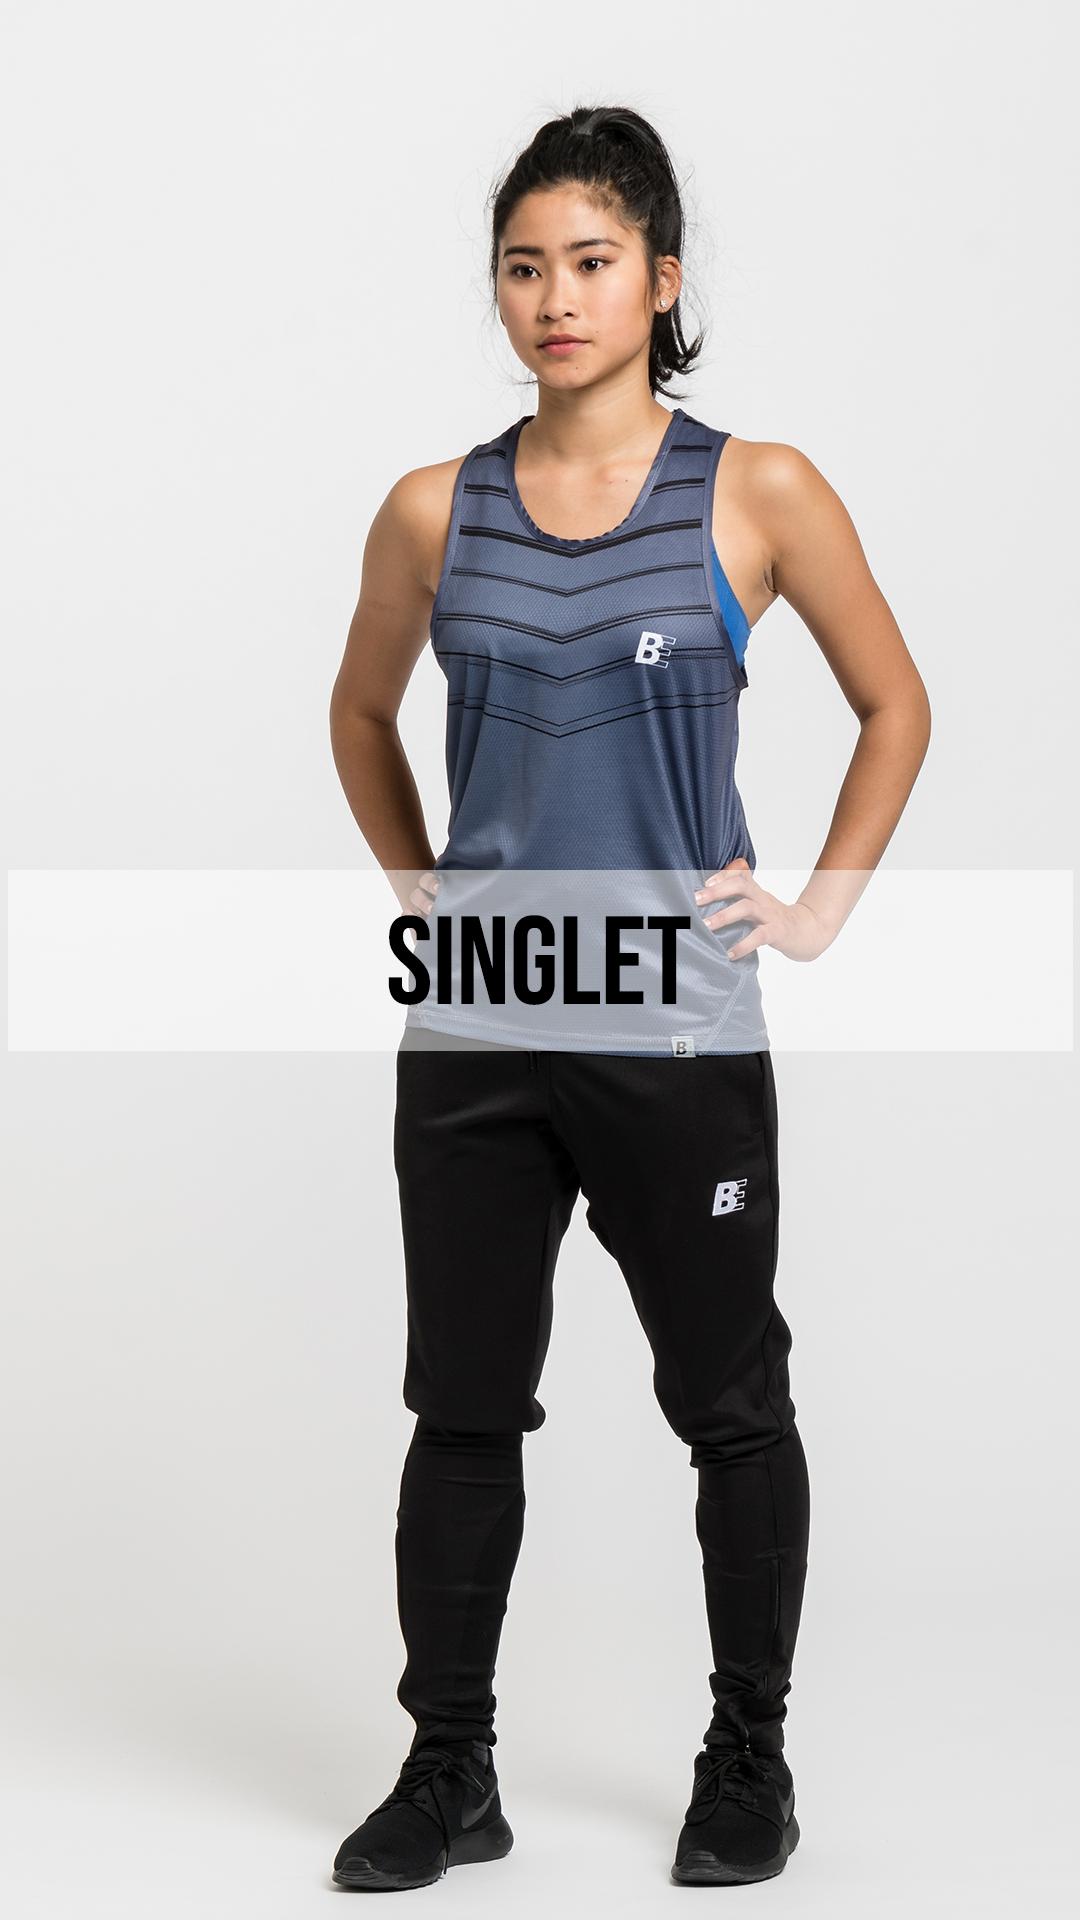 Singlet_001